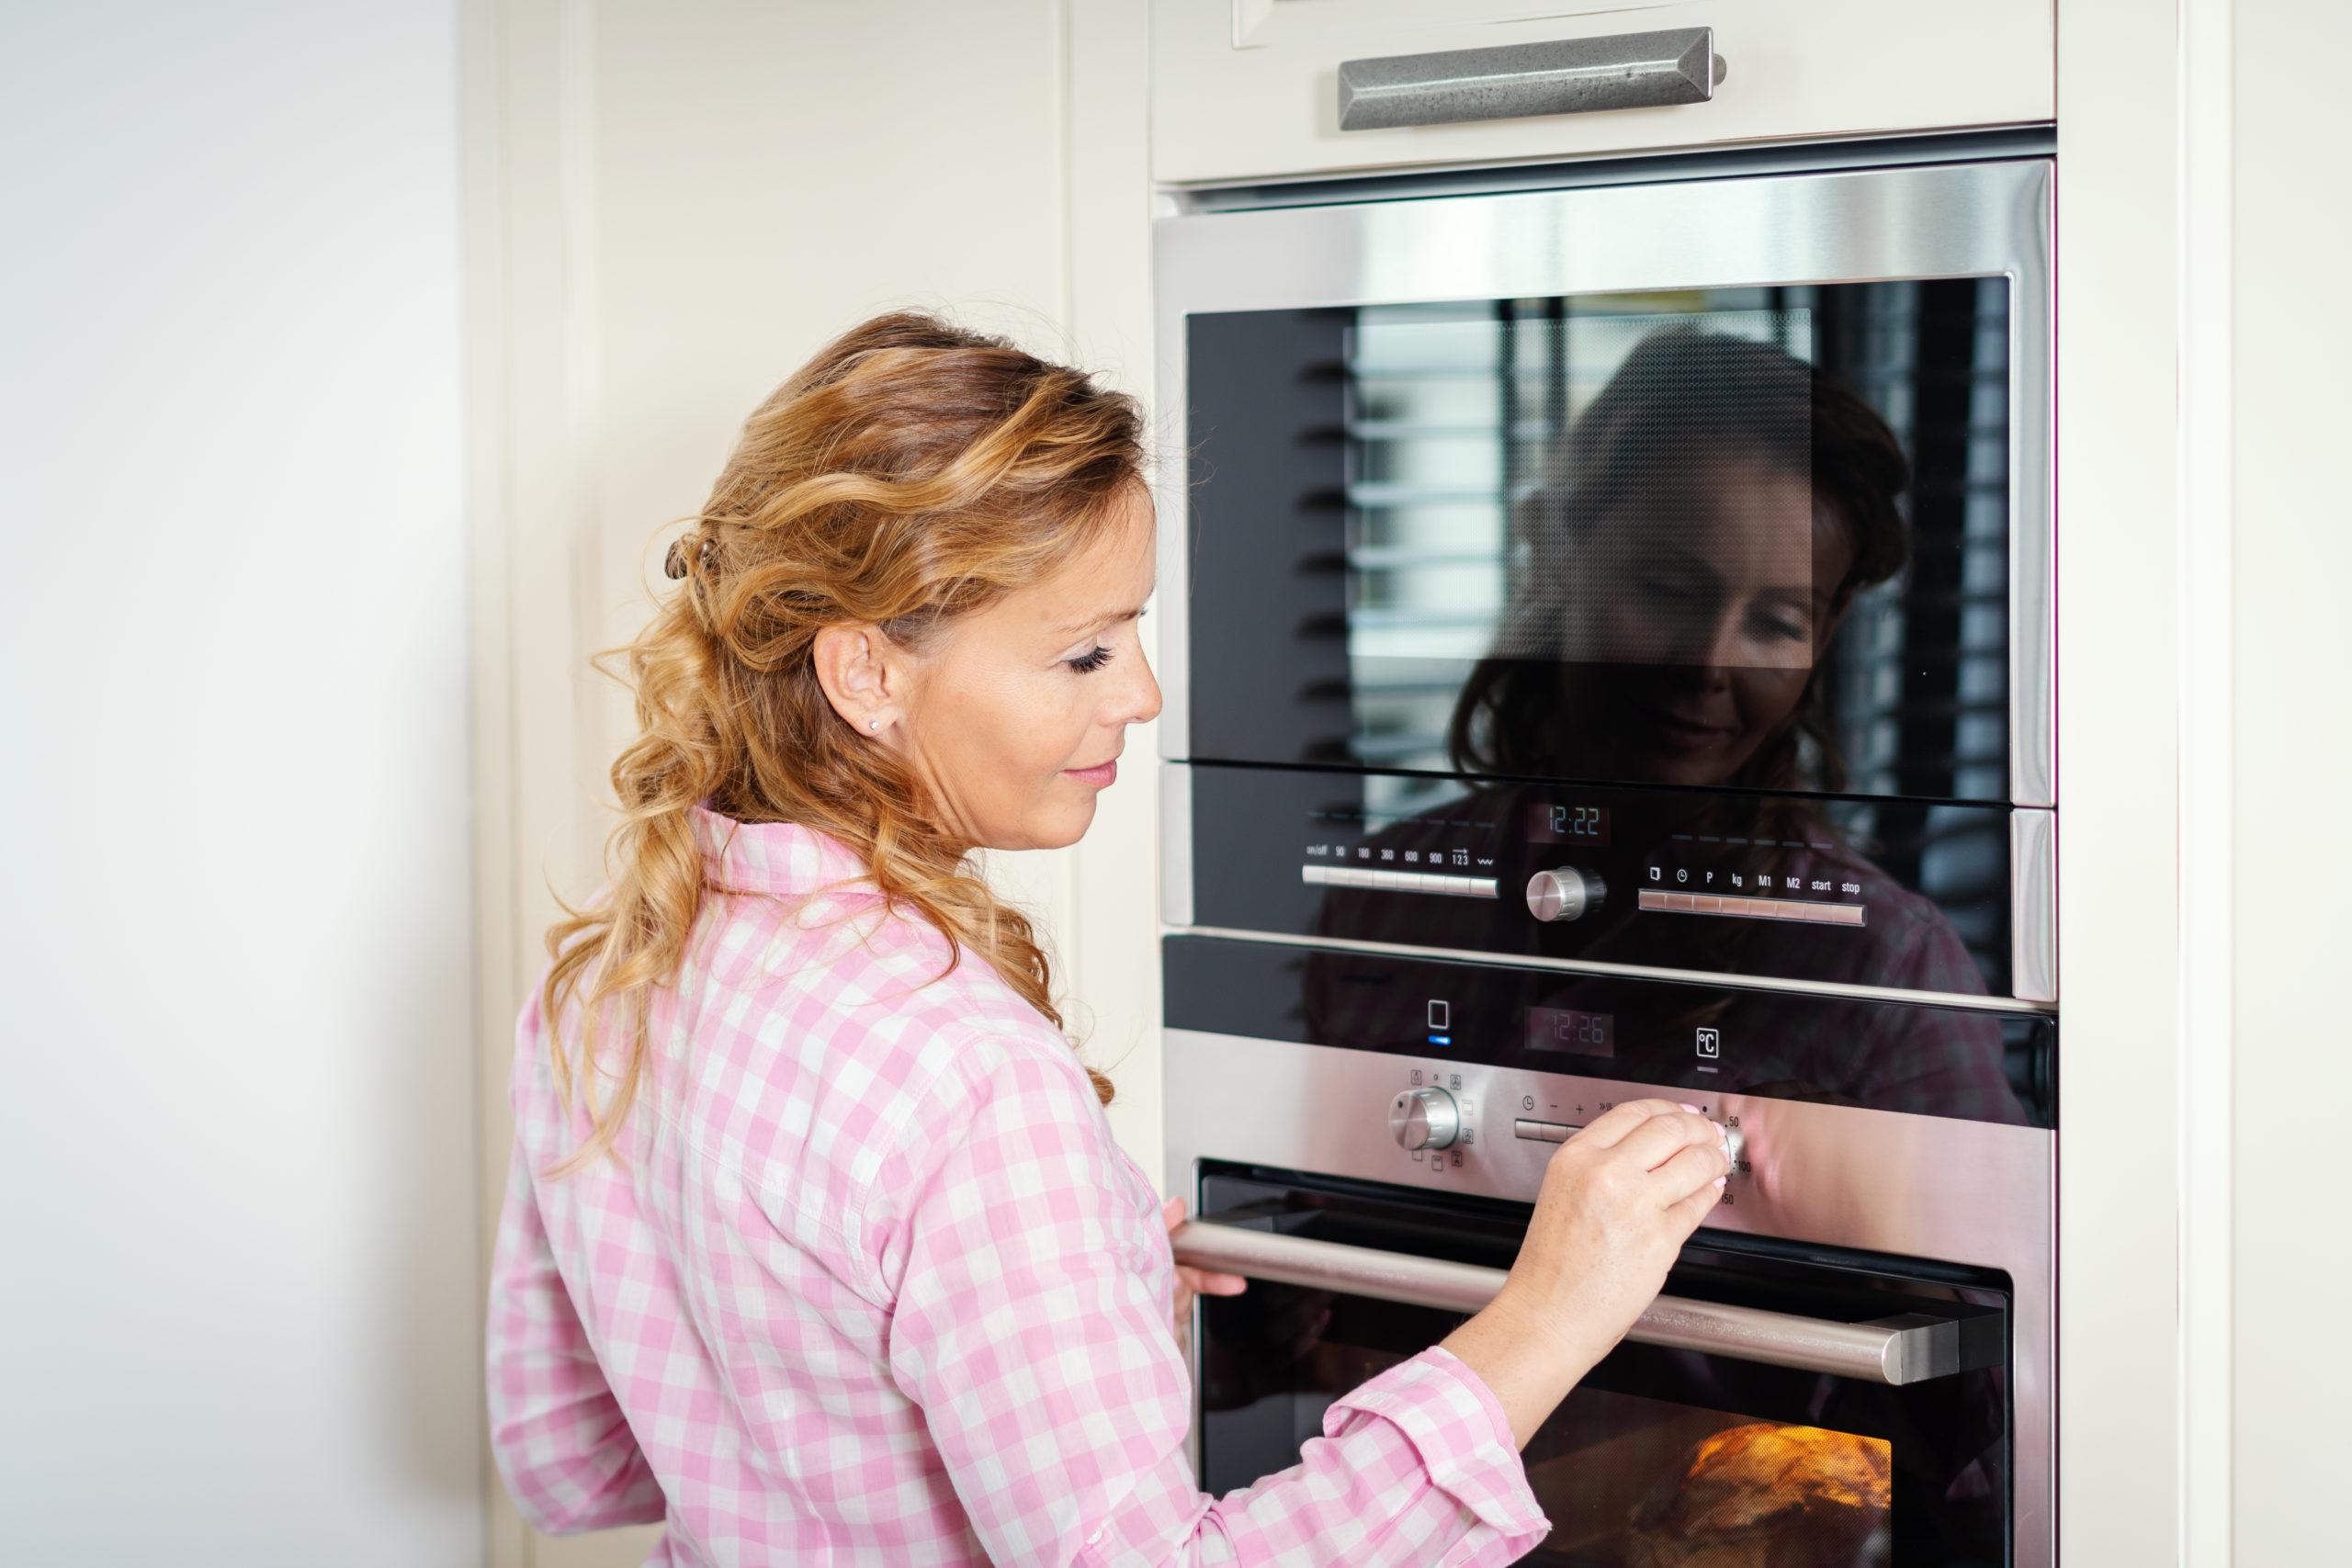 Control Panels For Household Appliances Eder Siebdruck Kunststoffverarbeitung Gmbh Co Kg